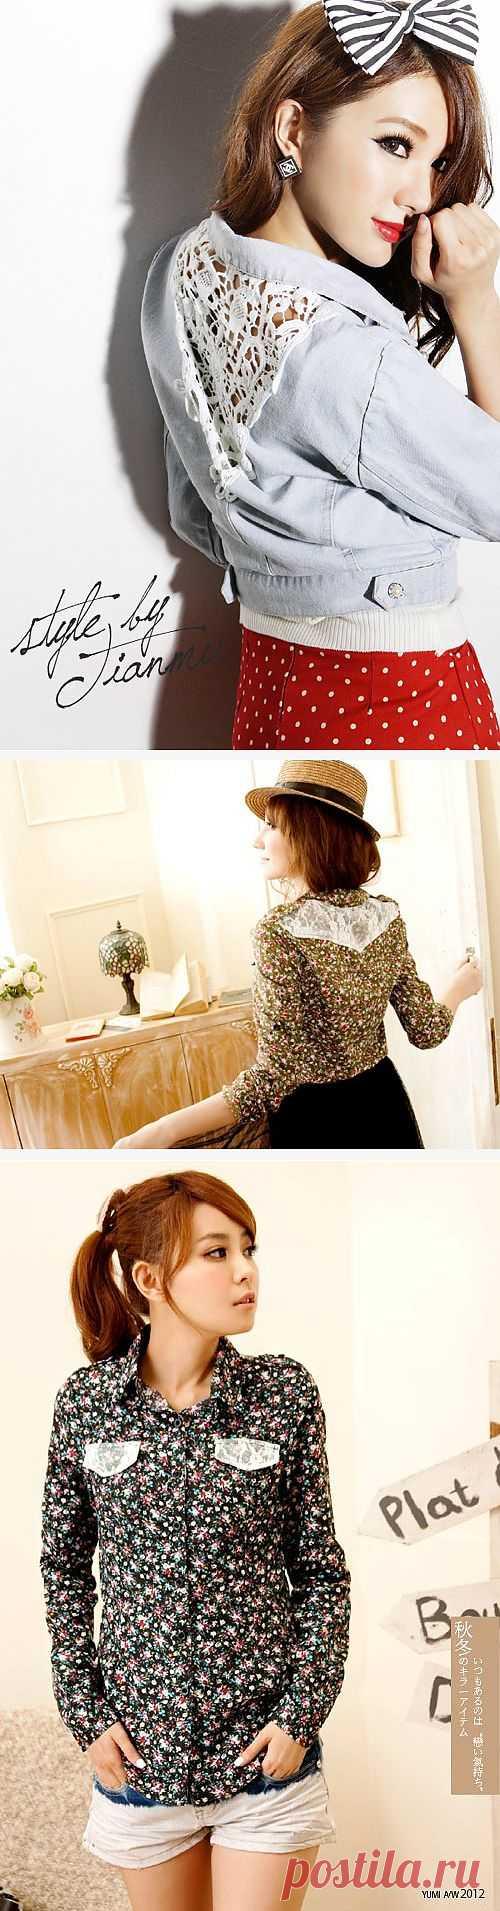 Кружевные детали / Кружево / Модный сайт о стильной переделке одежды и интерьера